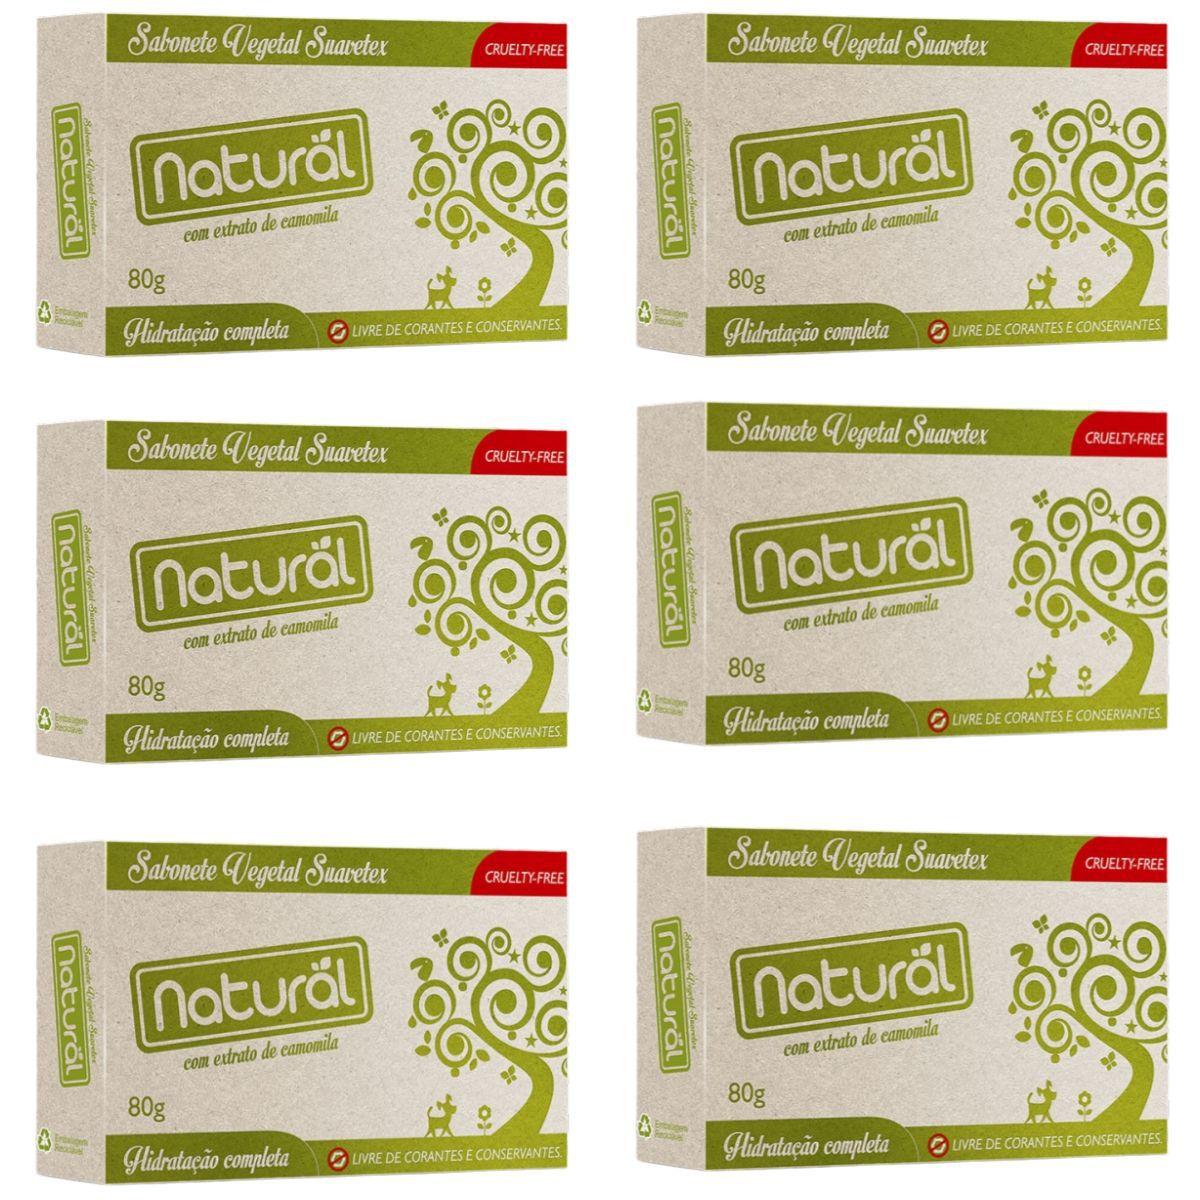 Kit 6 Sabonete Contente Com ingredientes Organicos e Naturais 80gr - Suavetex